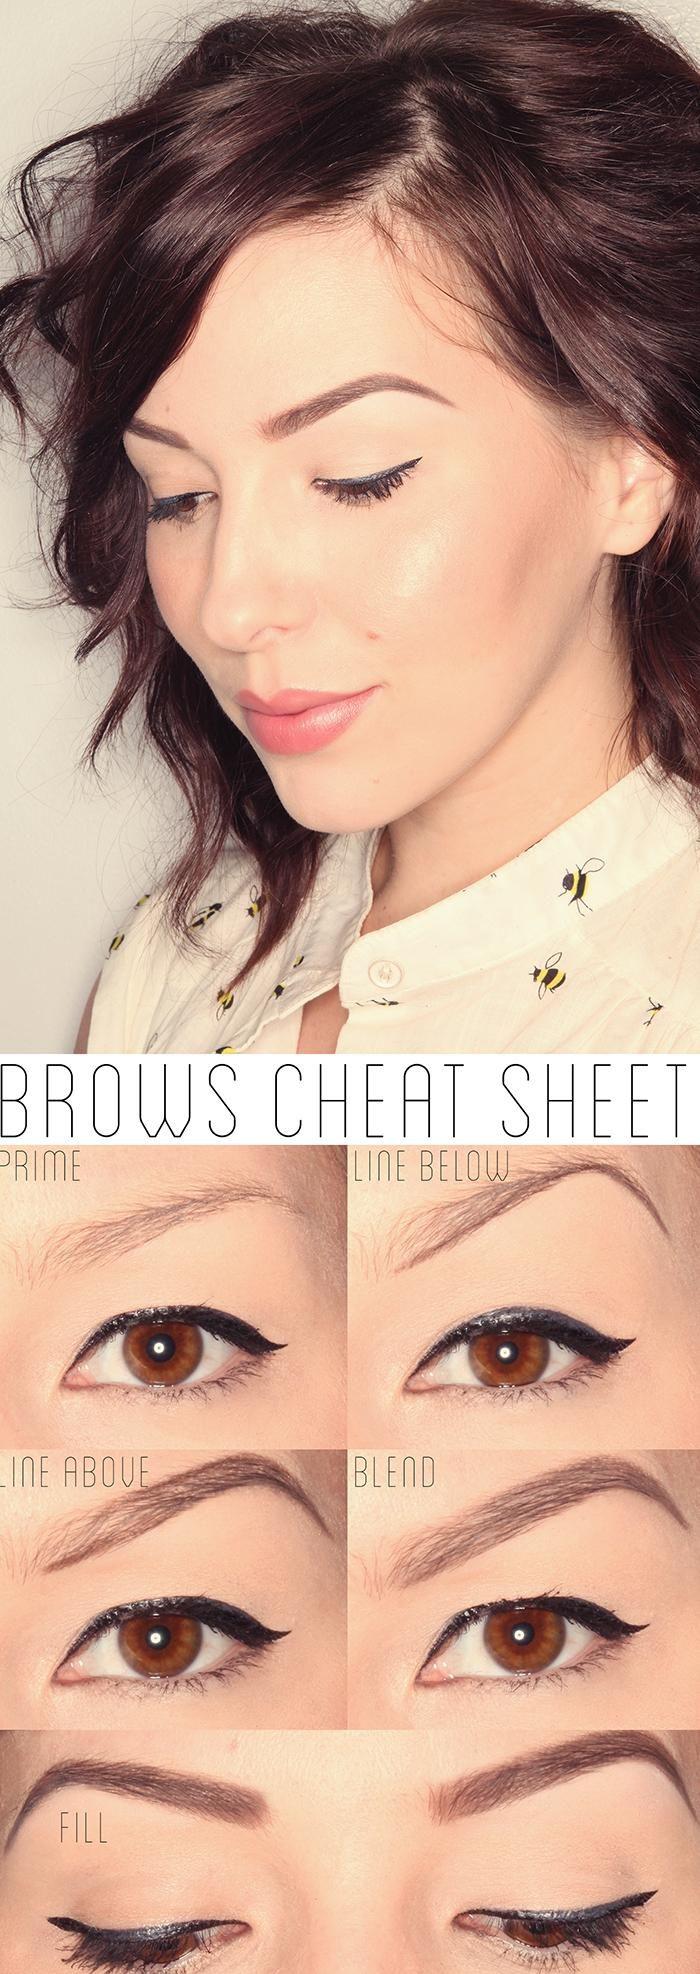 Как правильно рисовать брови пошагово фото